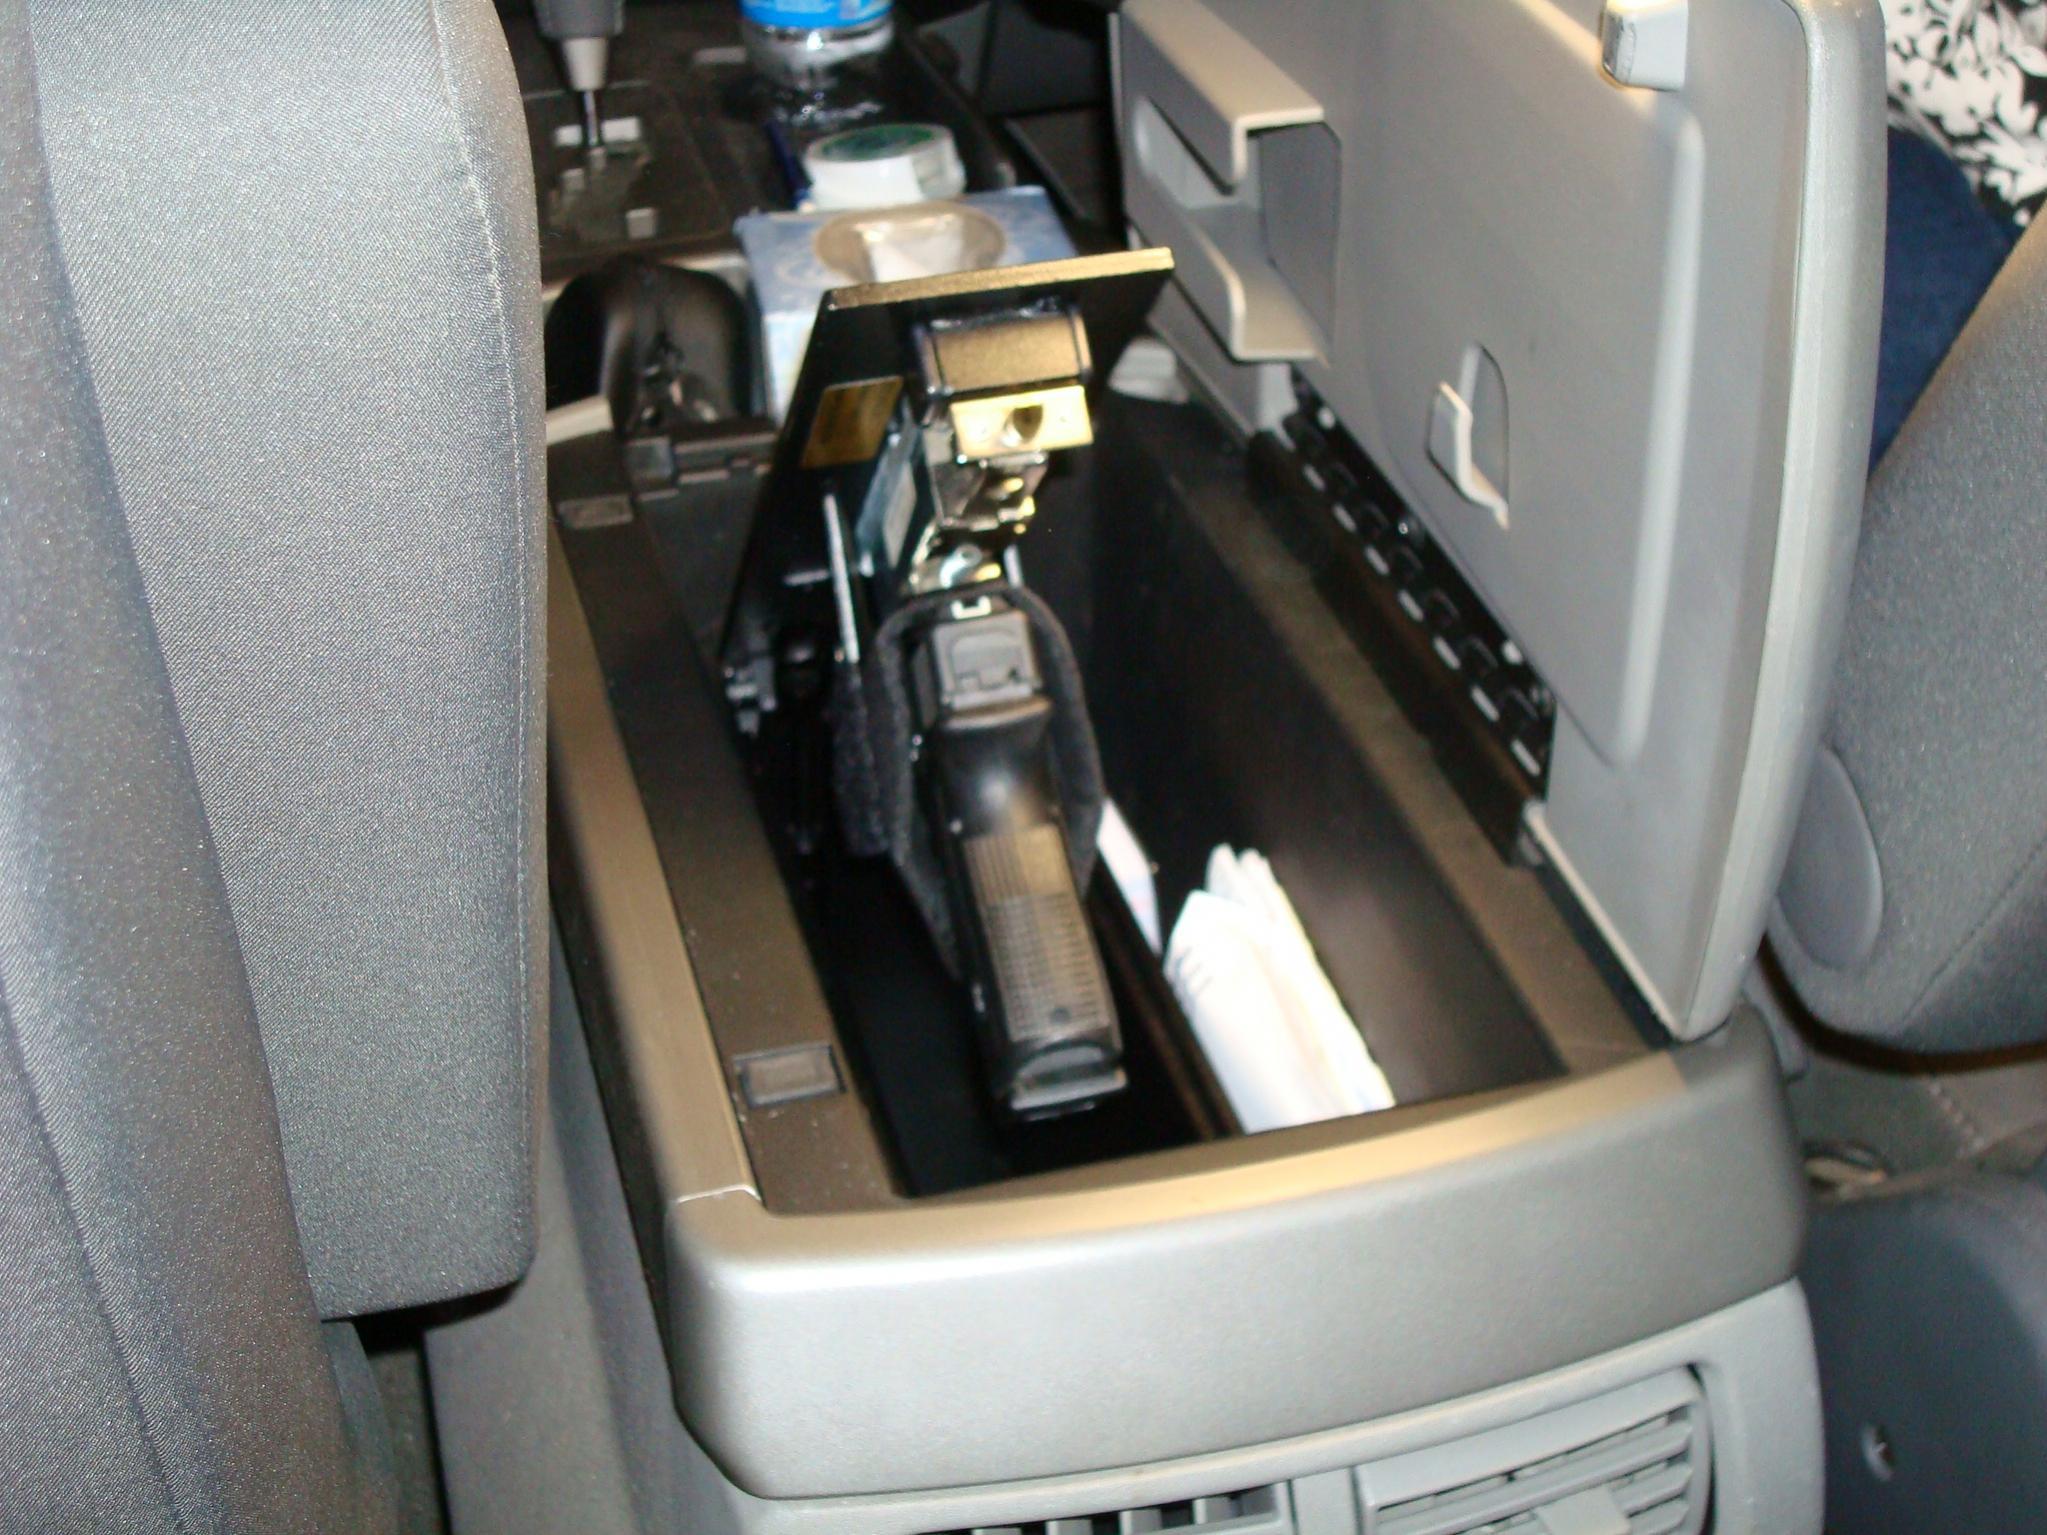 Silverado gun safe